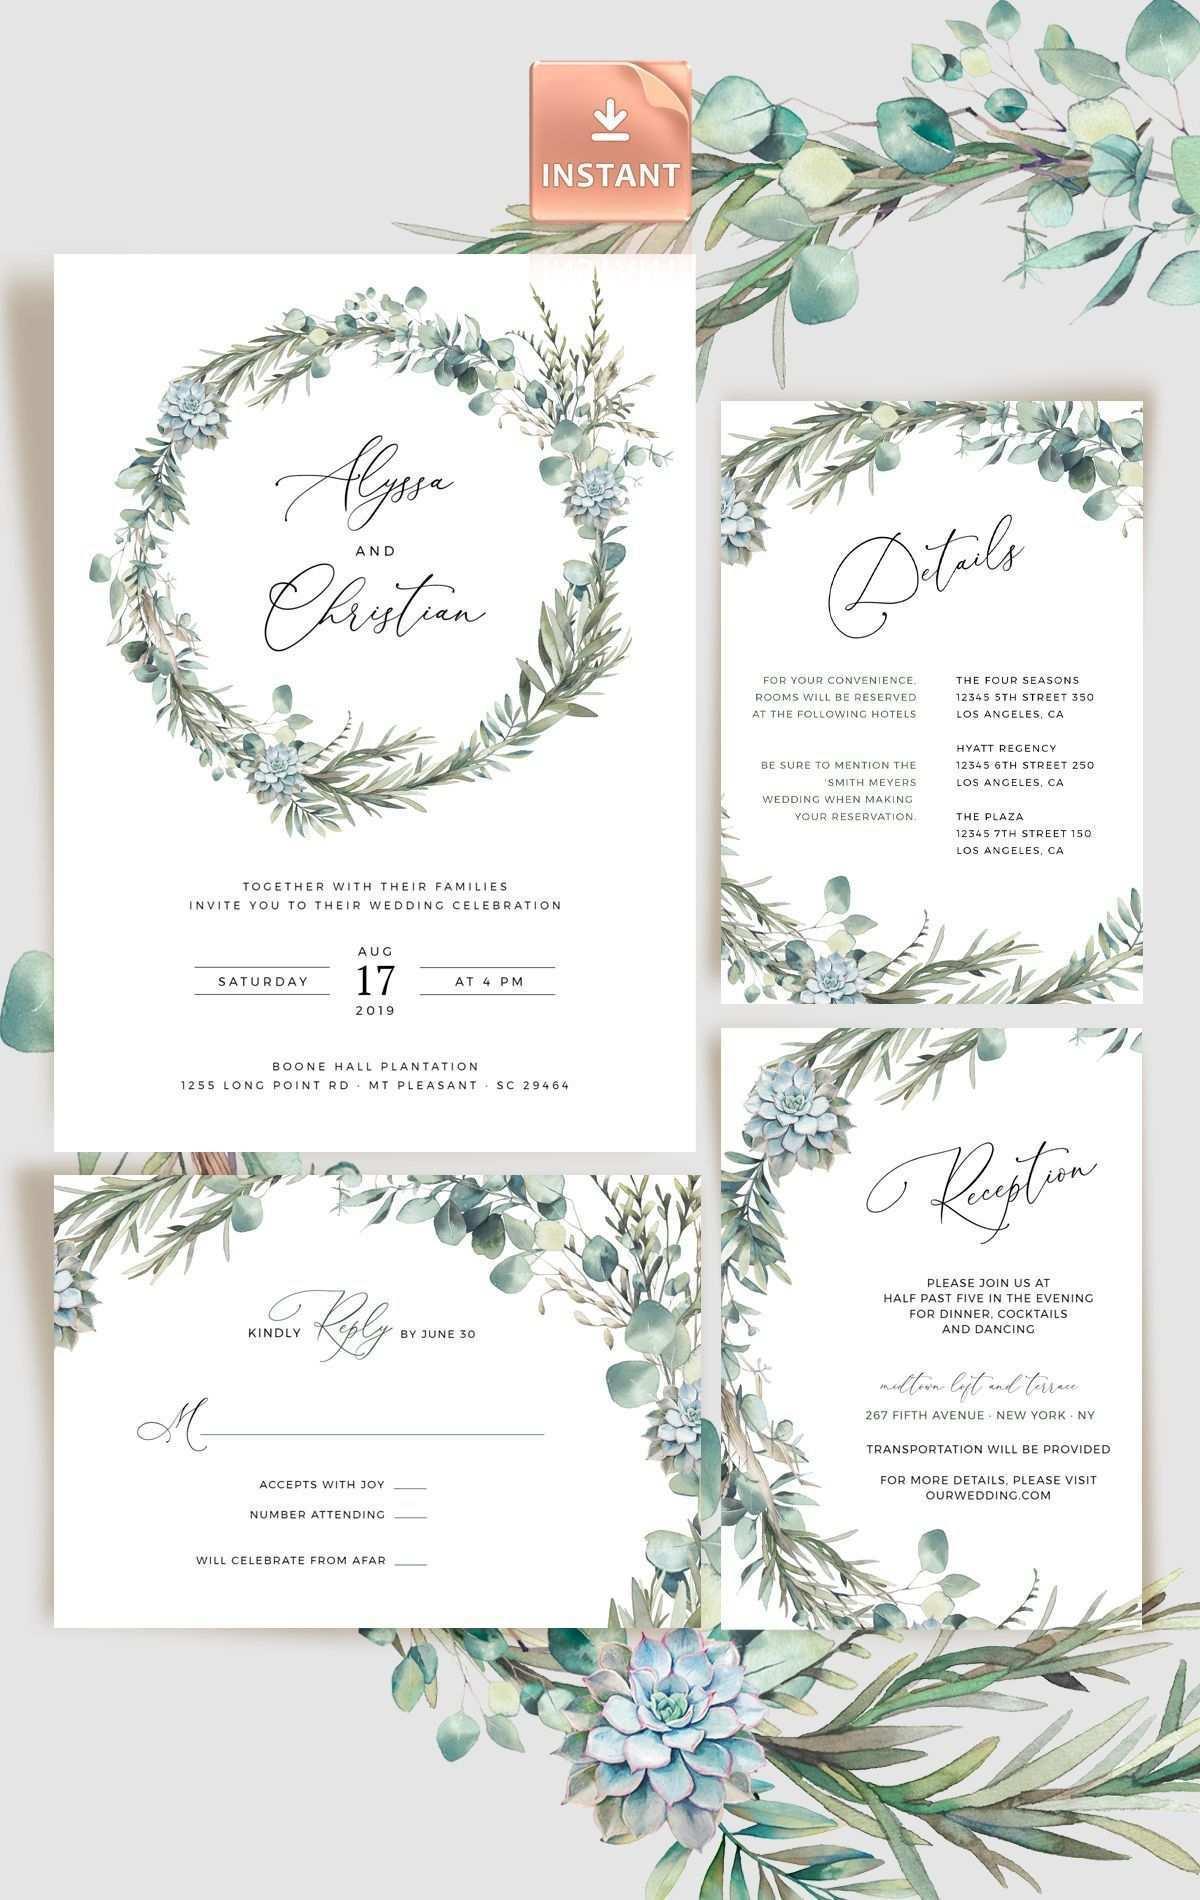 Hochzeit Einladung Bundel Rosmarin Eukalyptus Vorlagen Fur Hochzeitseinladungen Ideen Fur Die Hochzeit Hochzeitseinladung